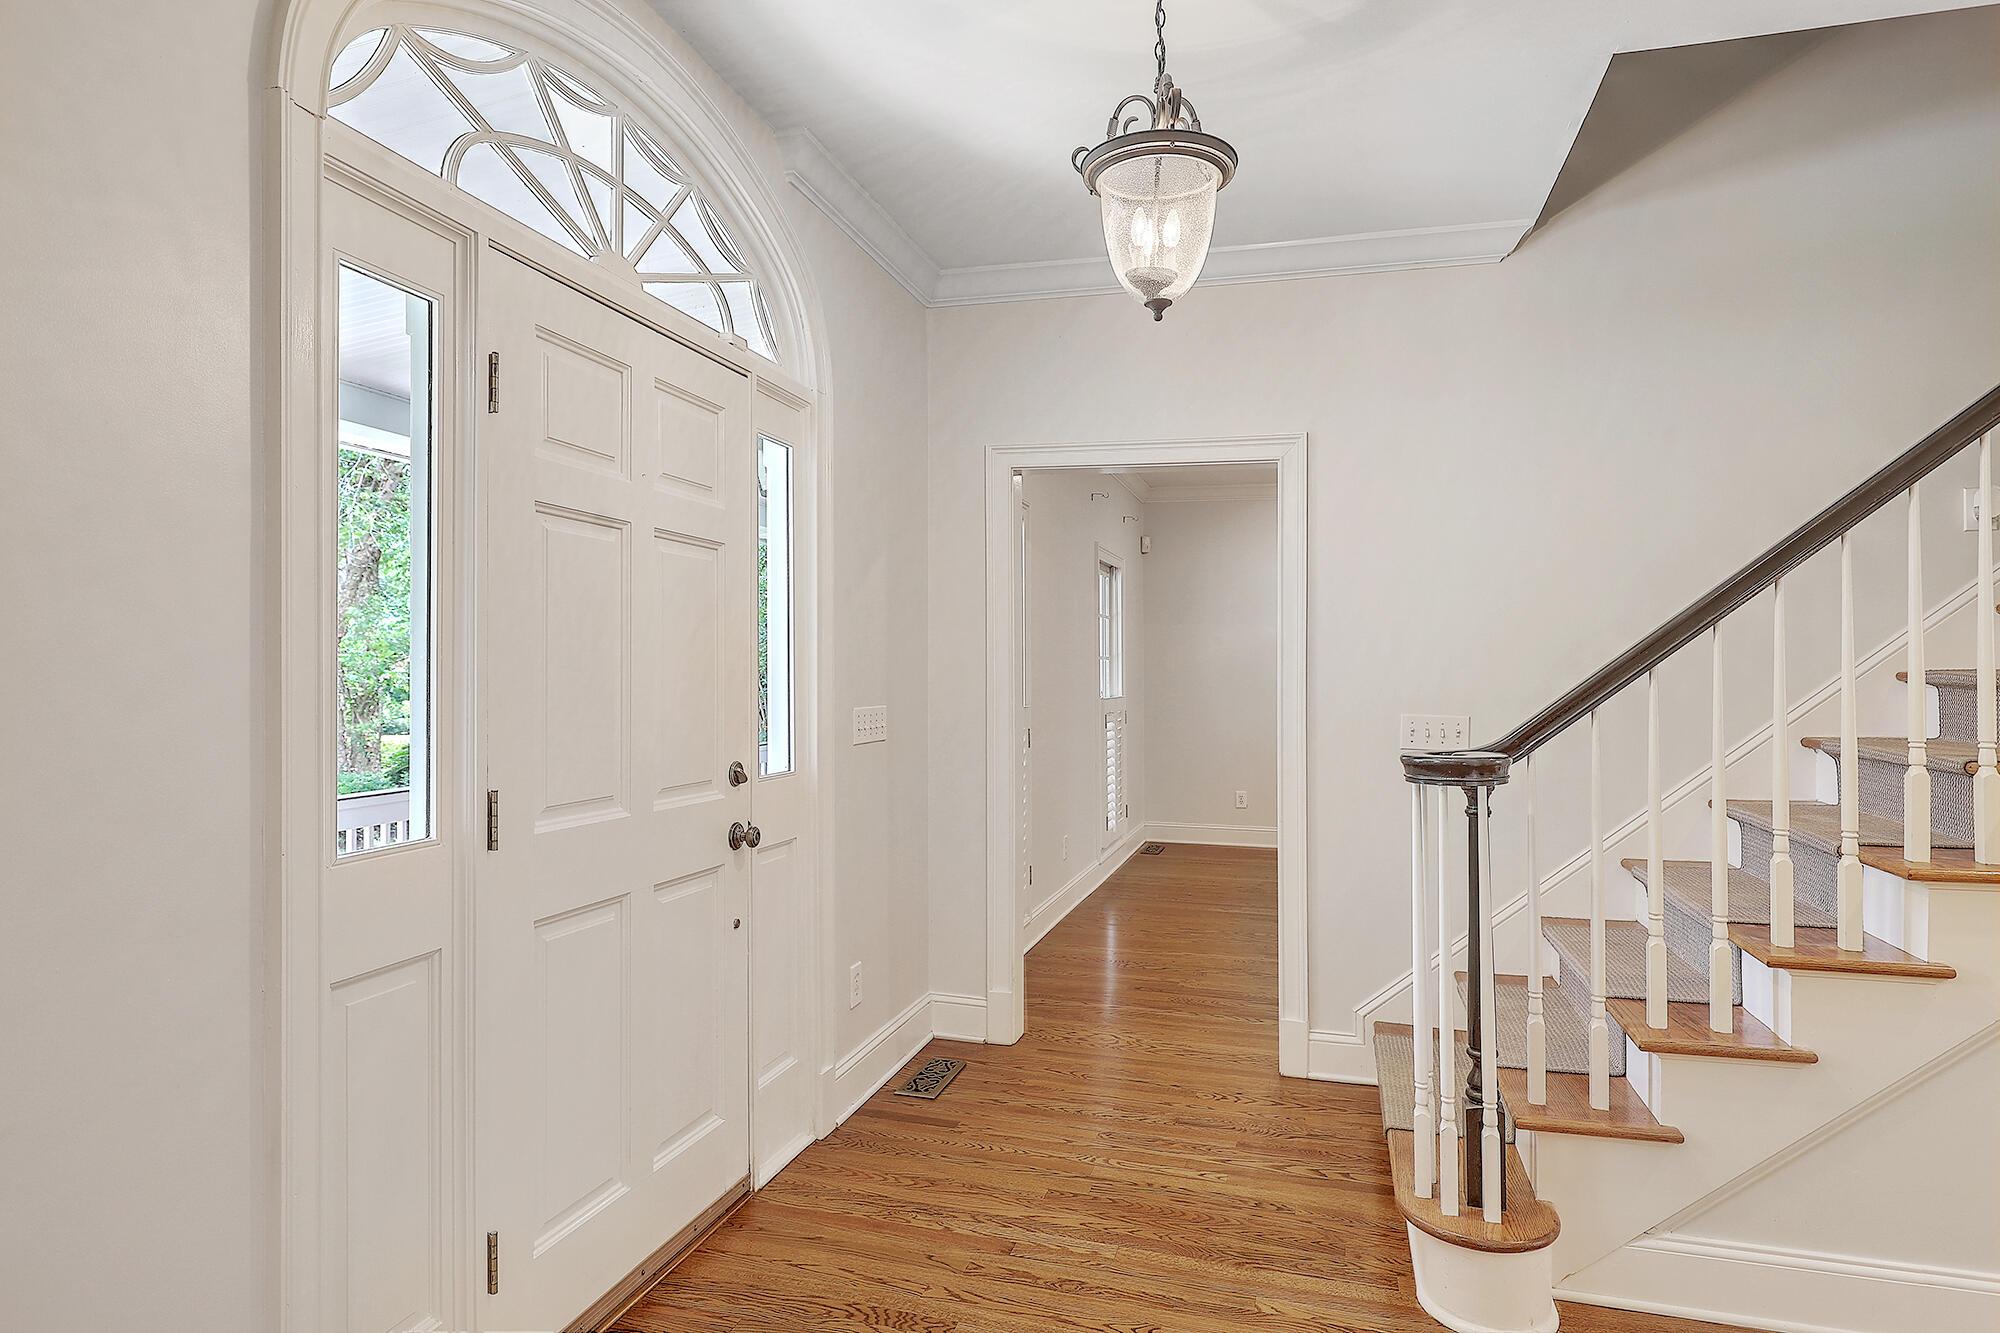 Stiles Point Plantation Homes For Sale - 816 Whispering Marsh, Charleston, SC - 30